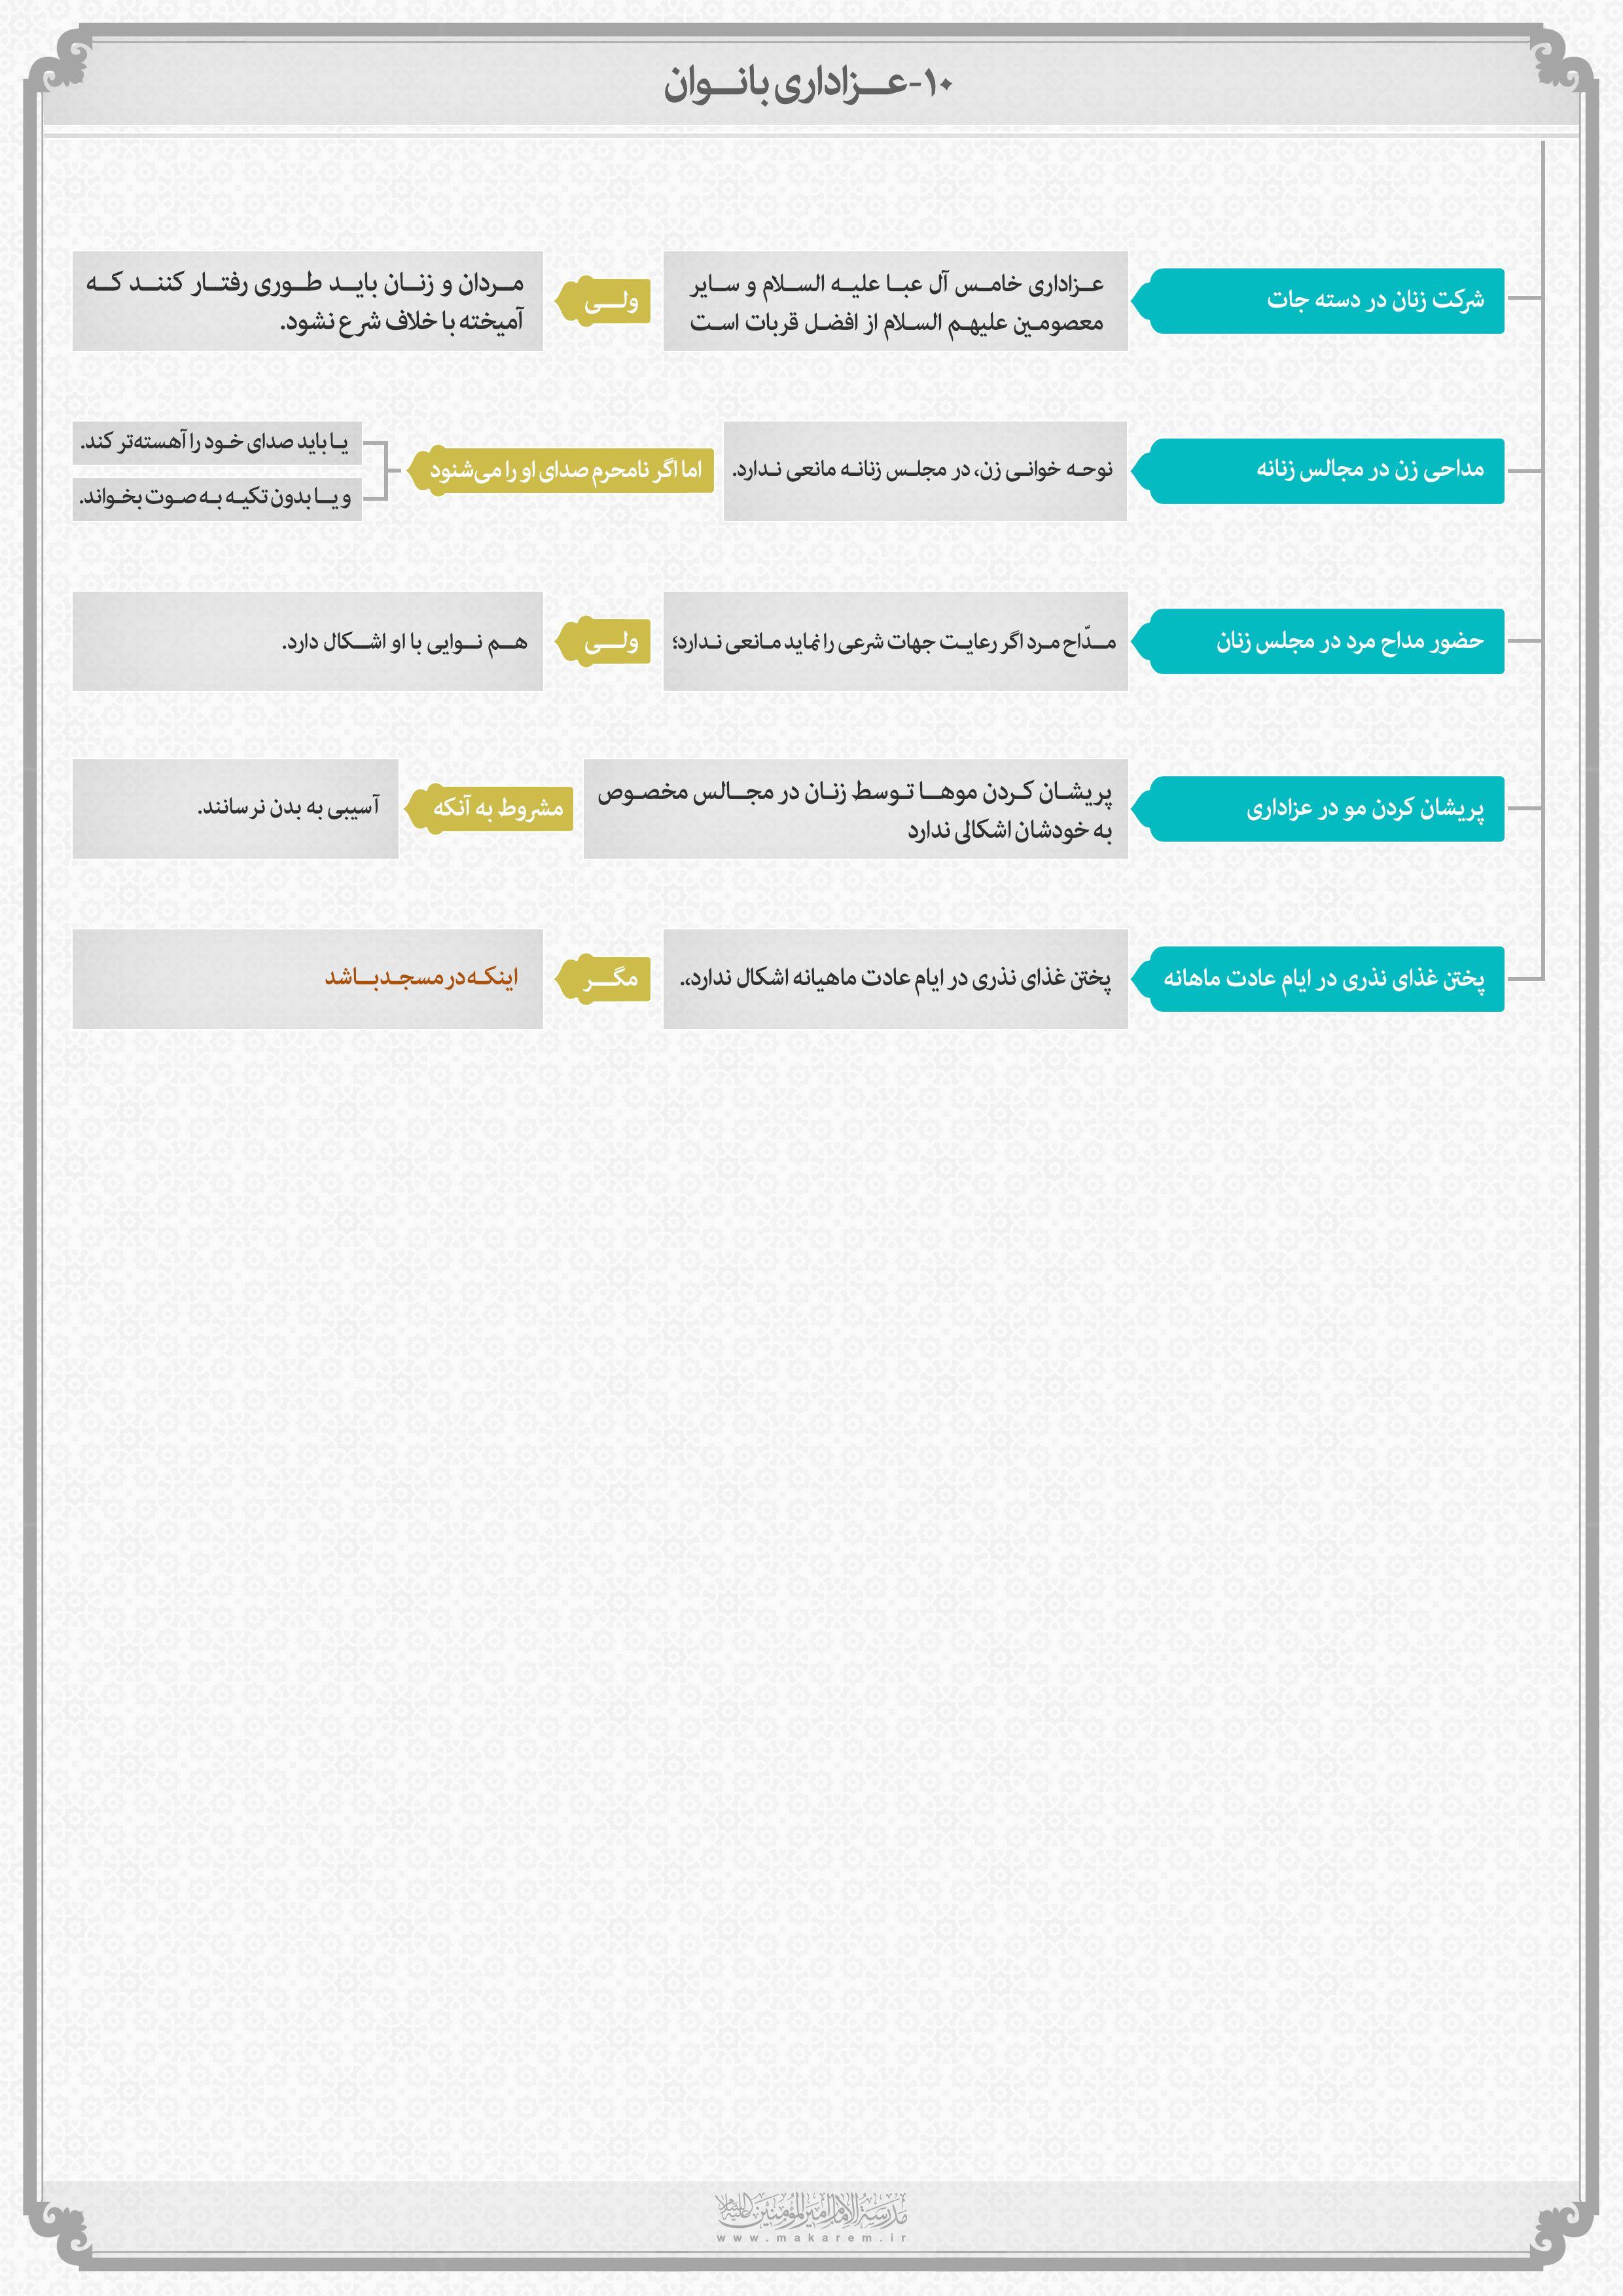 احکام عزاداری – عزاداری بانوان-مدرسه الامام امیر المومنین (ع)